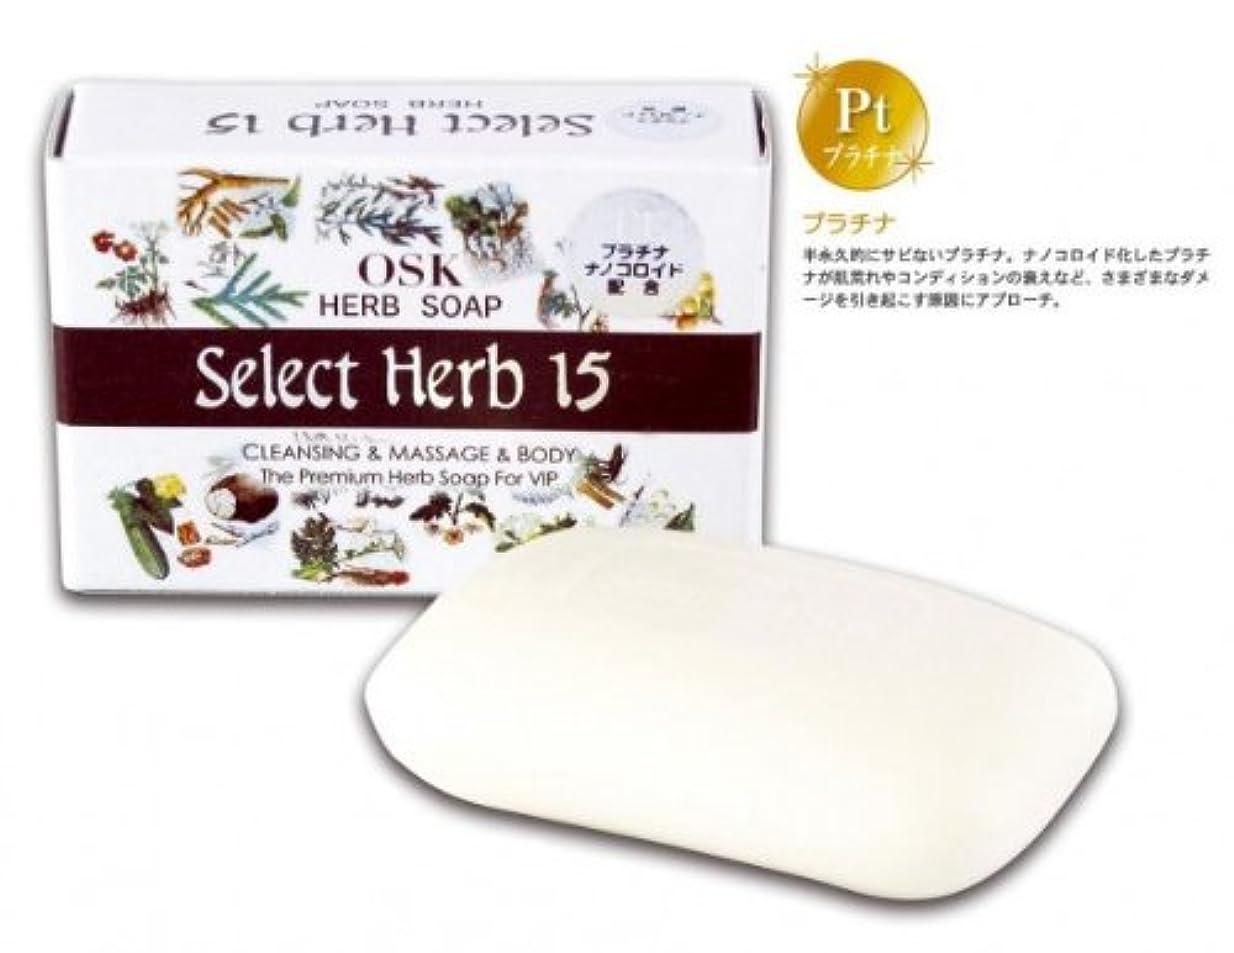 高原パノラマ条約NEW OSK SOAP SelectHerb15(ニューオーエスケーソープセレクトハーブ15)135g